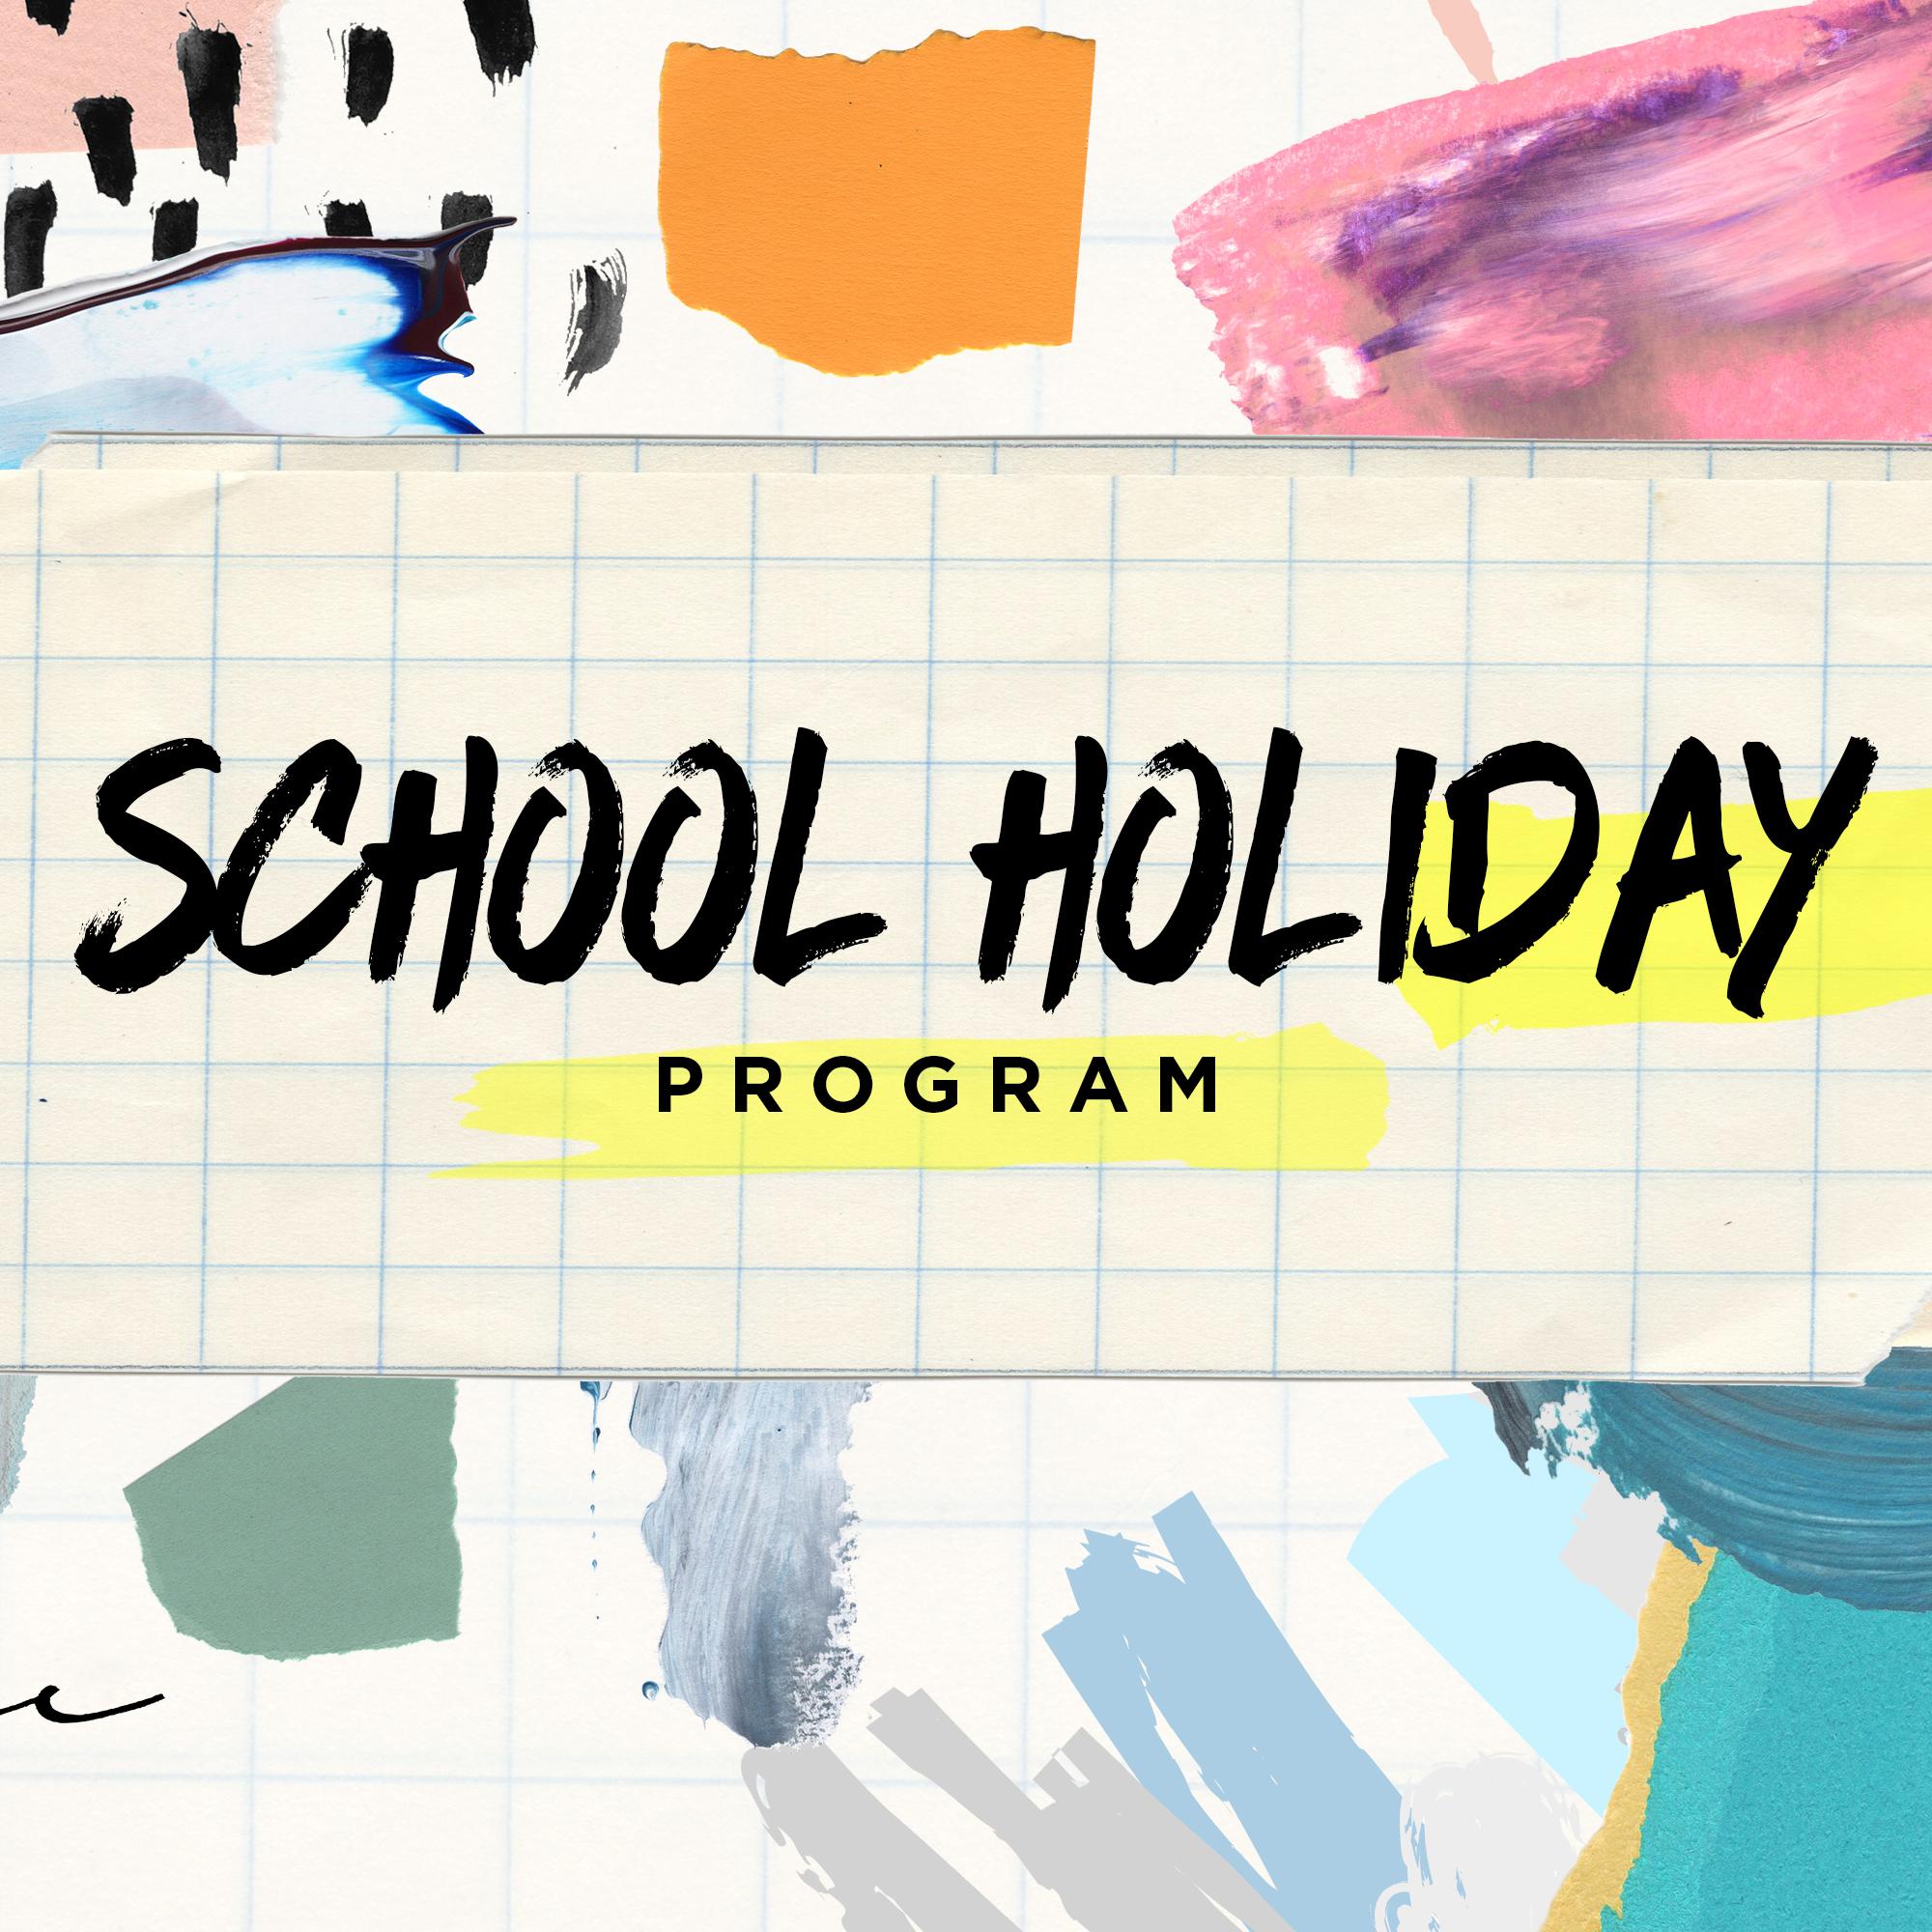 SchoolHolidayProgram.jpg